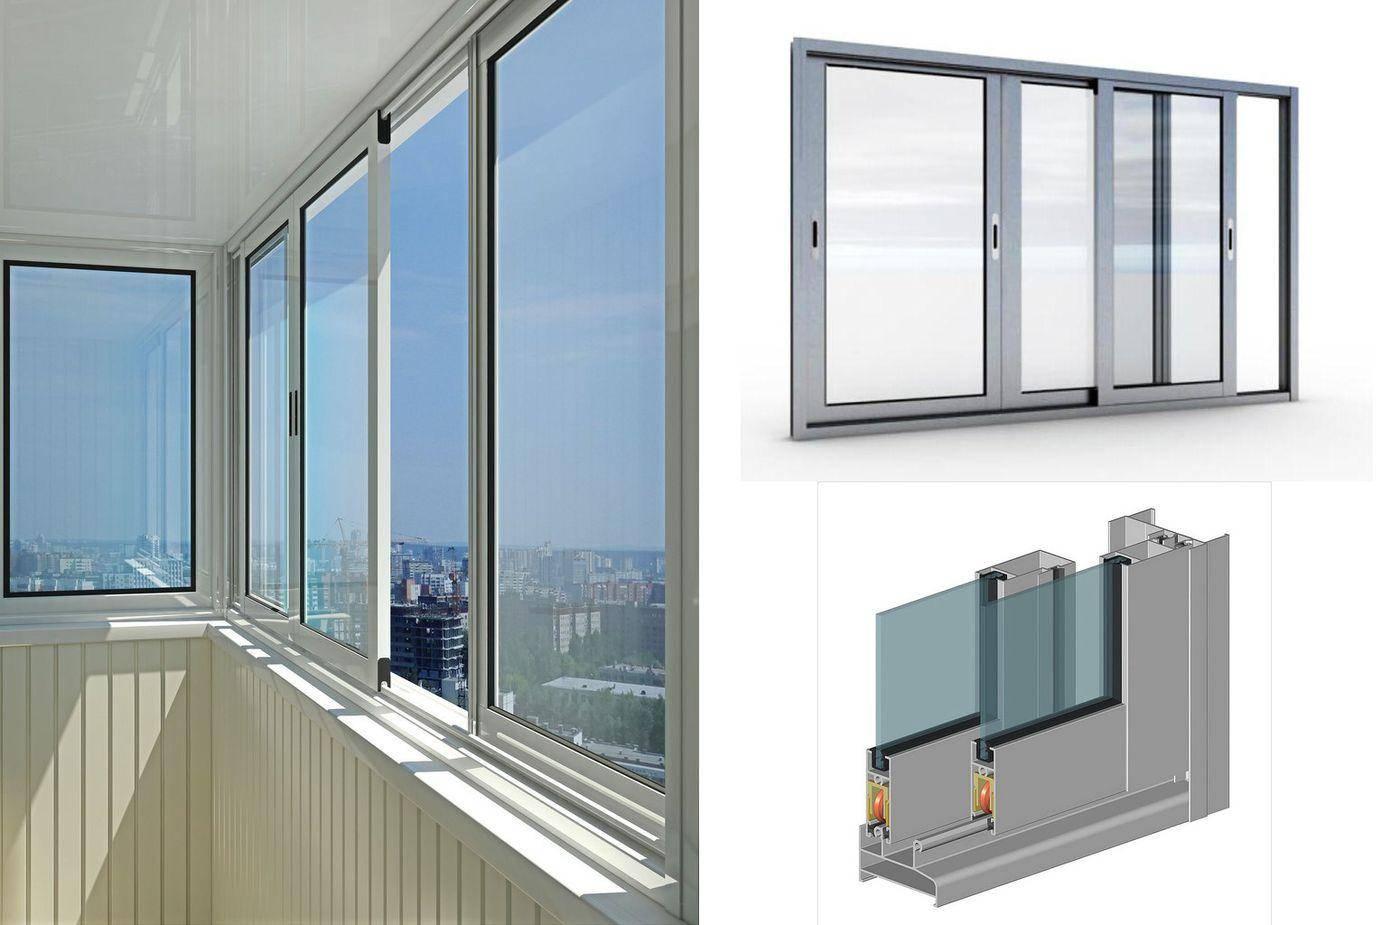 Монтаж пластиковых окон на балконе своими руками — пошаговая инструкция с фото и описанием